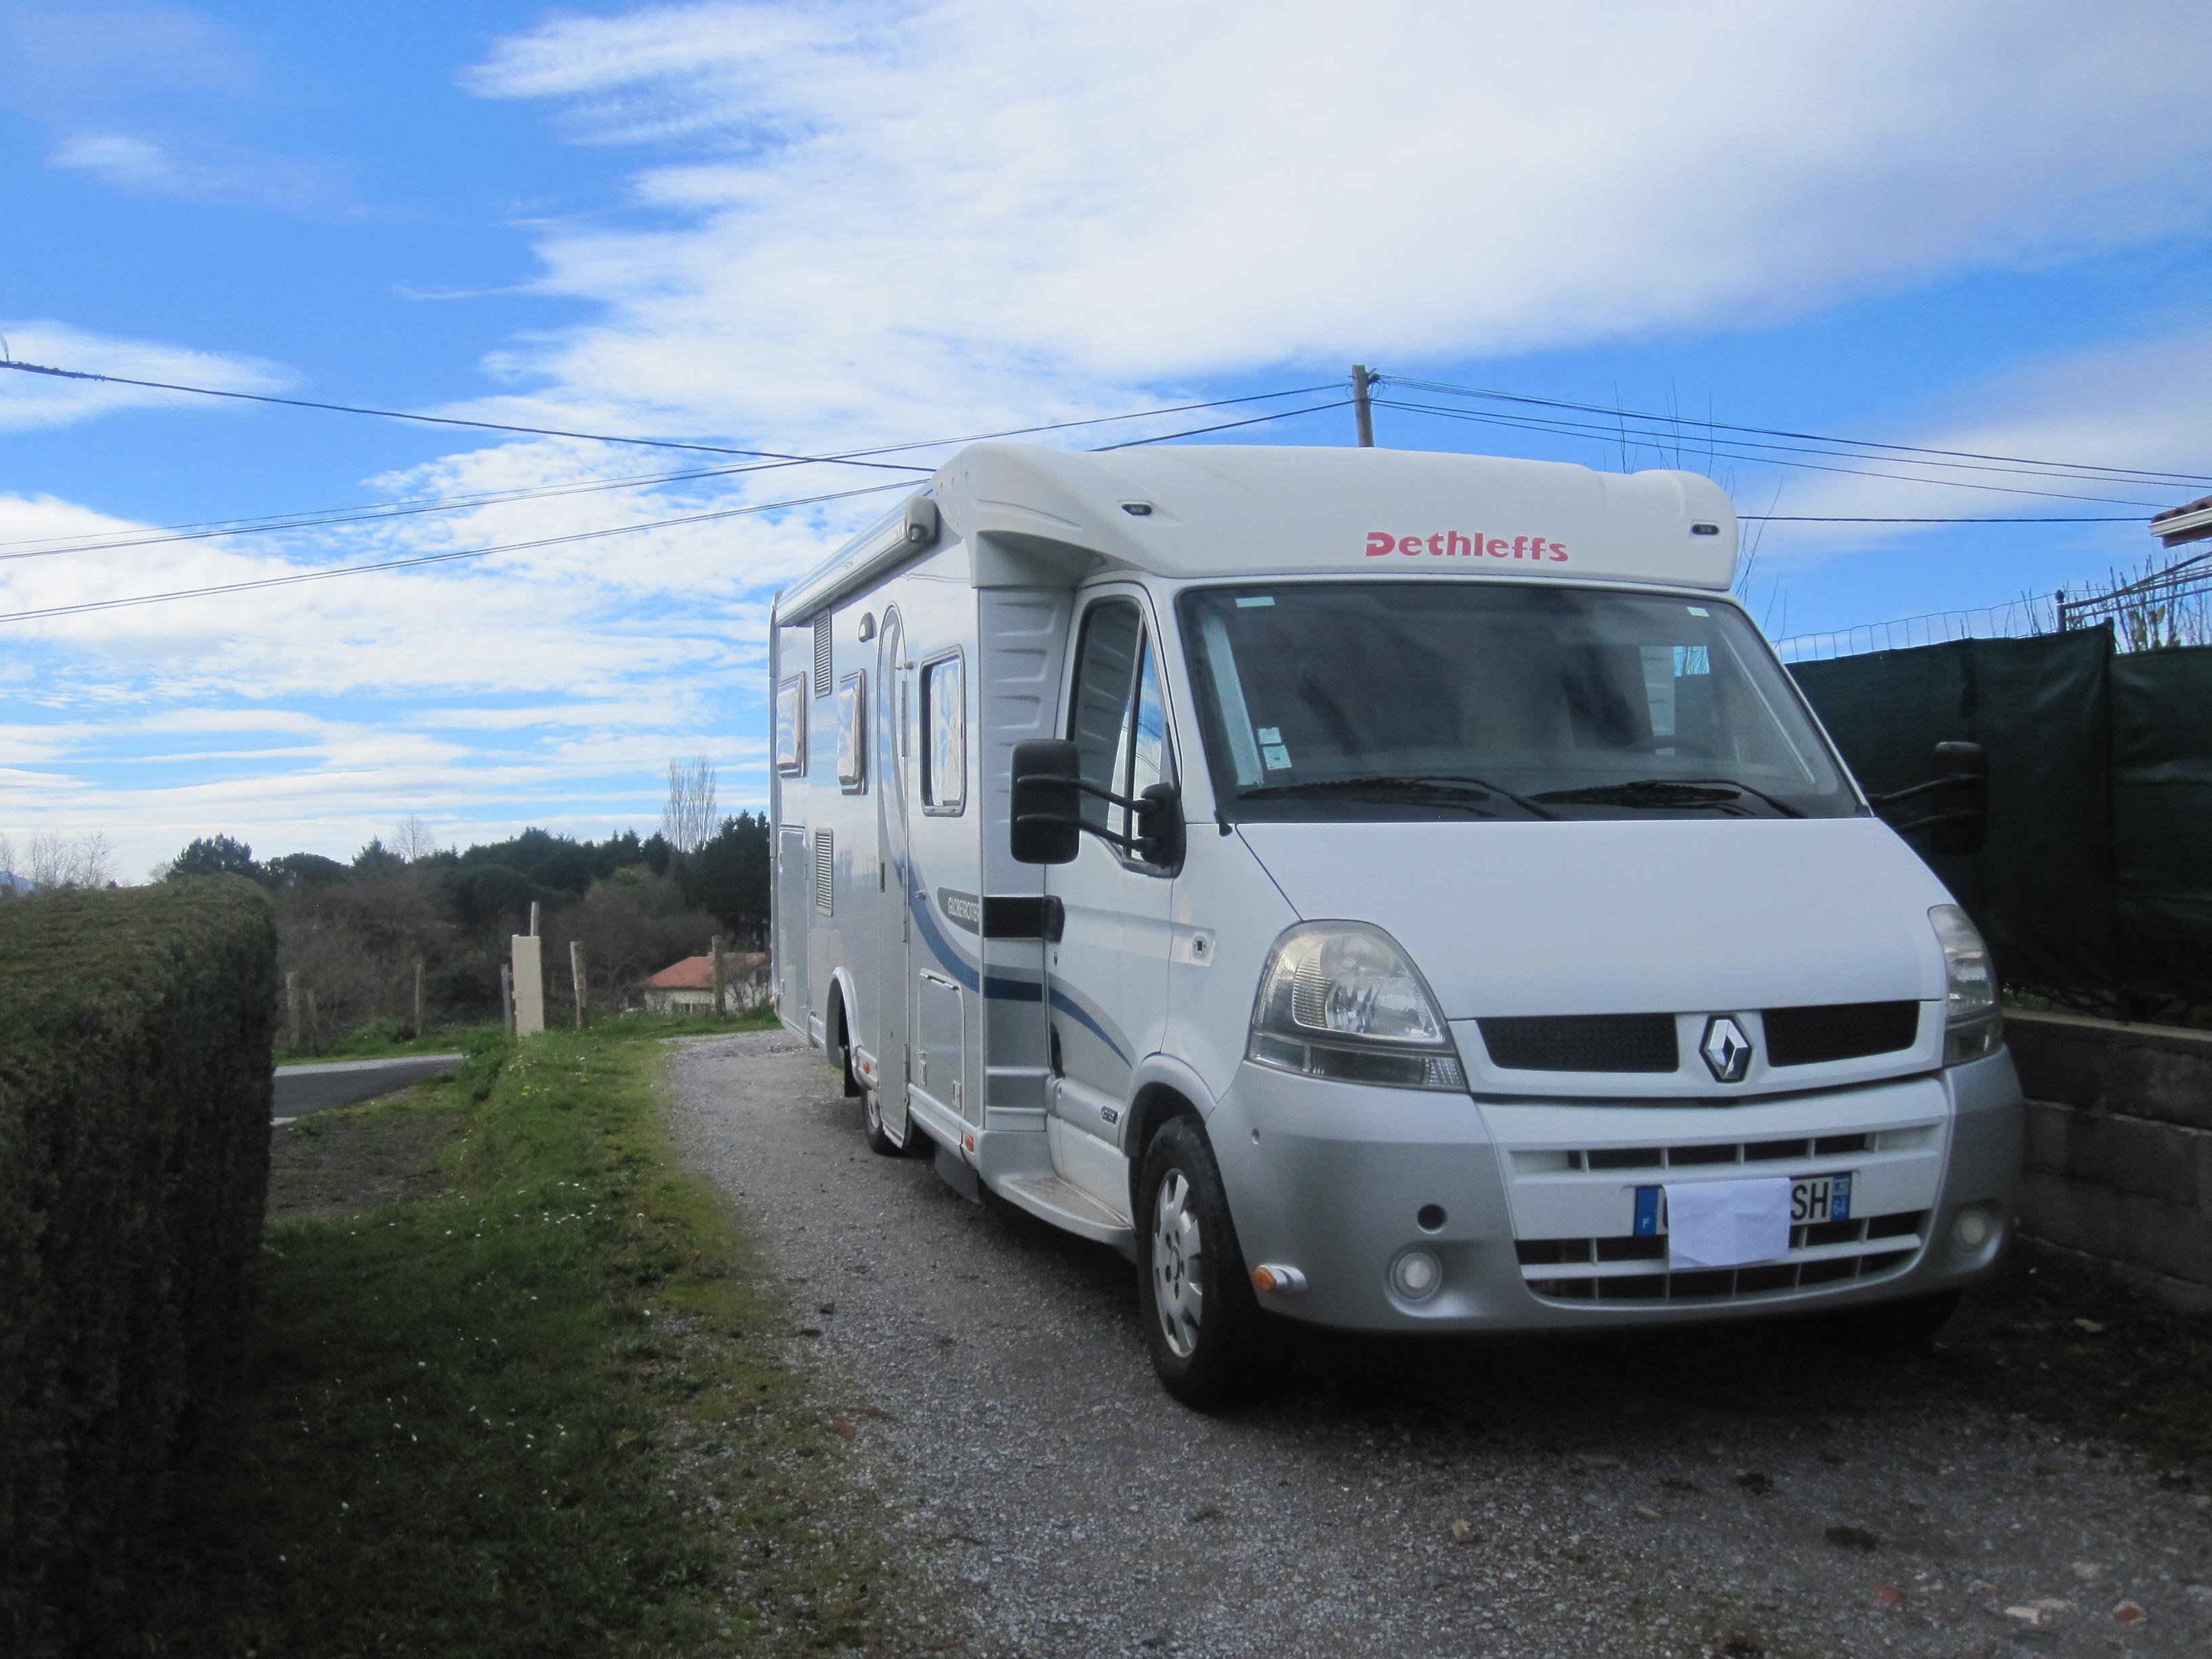 dethleffs esprit rt 6874 occasion porteur renault master camping car vendre en pyrenees. Black Bedroom Furniture Sets. Home Design Ideas